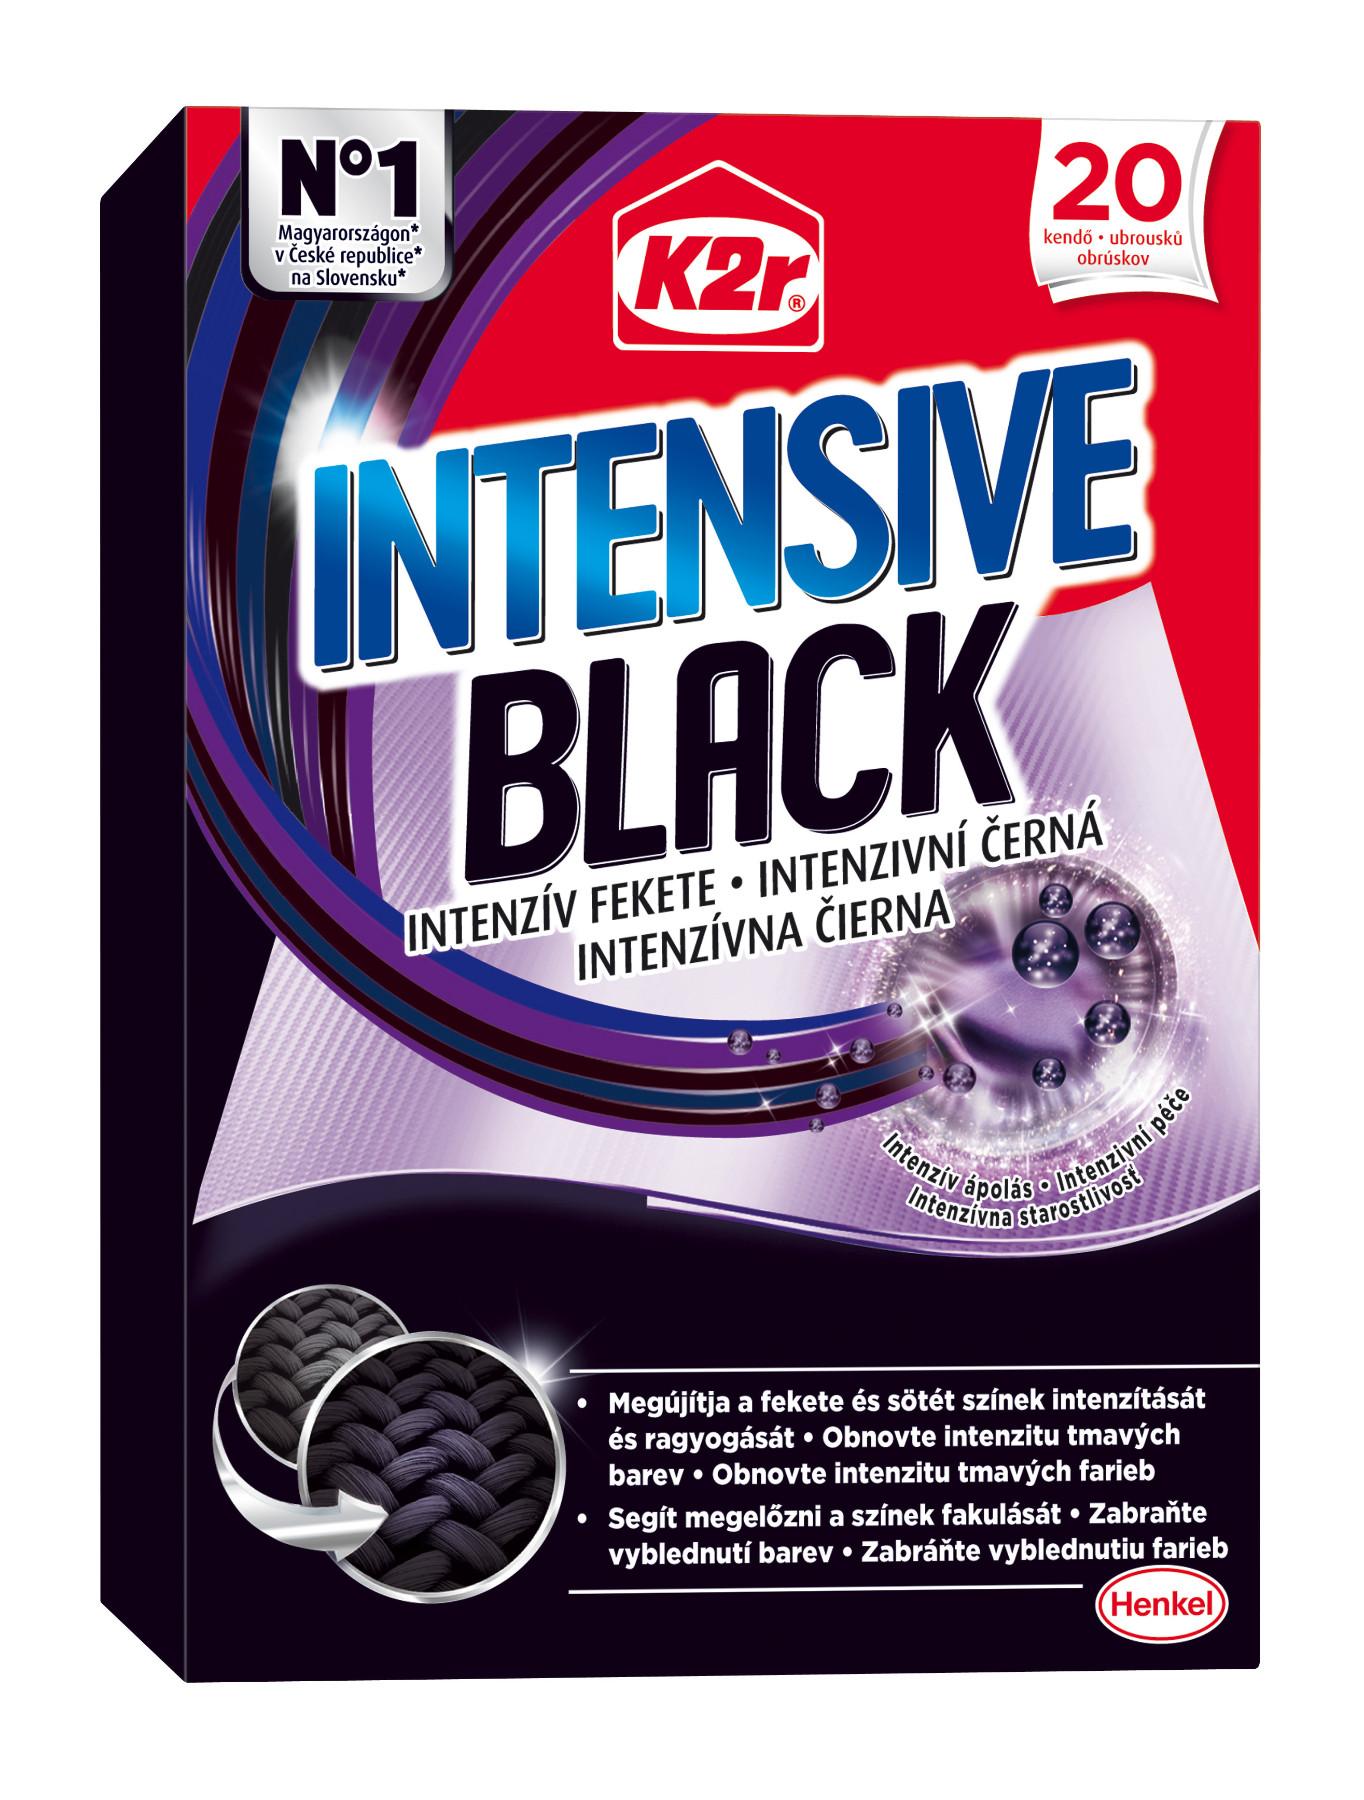 K2r Intensive Black prací ubrousky 20 ks/bal.